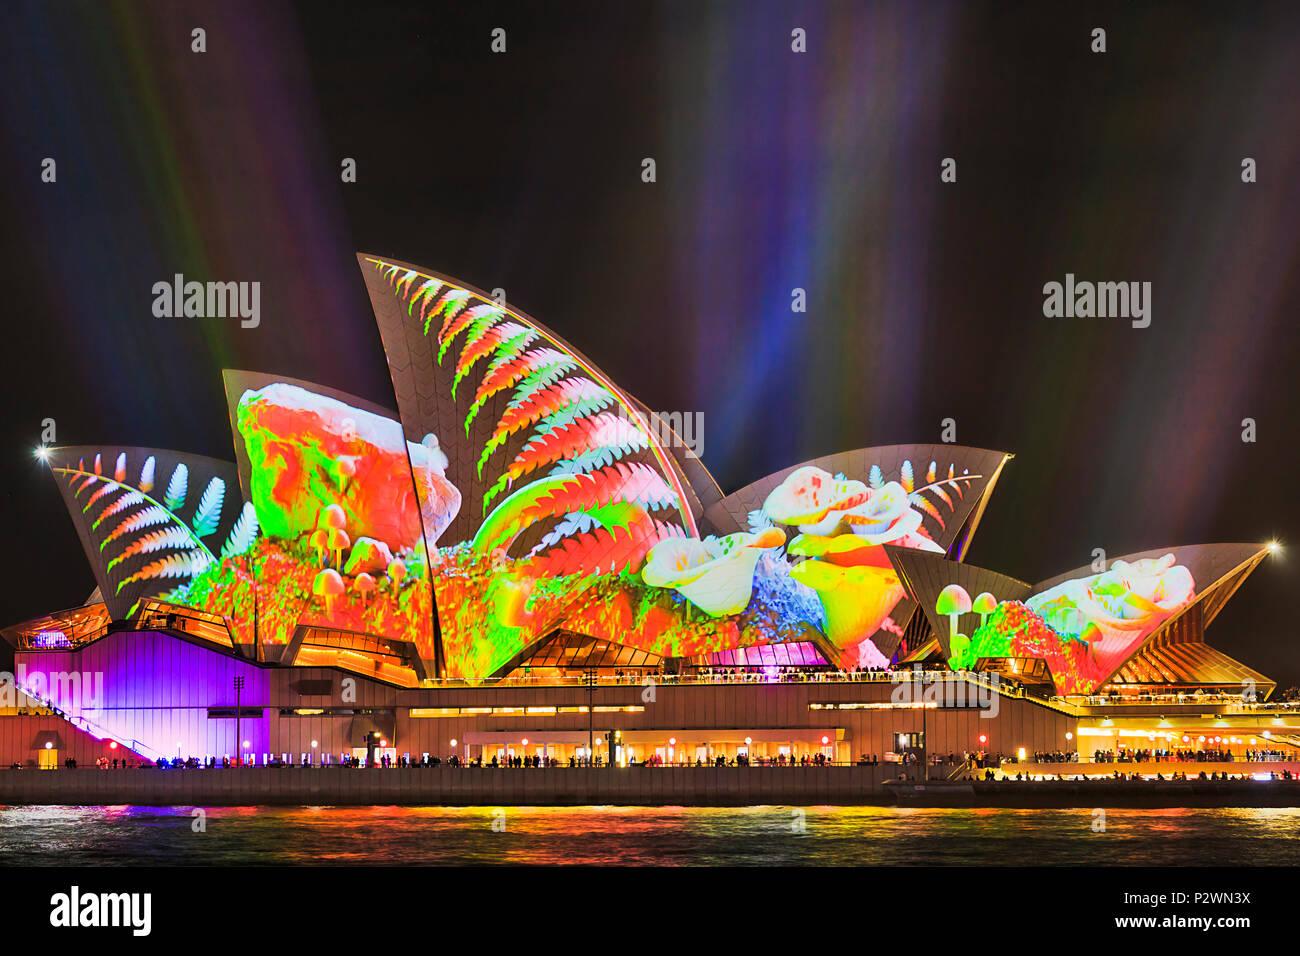 Sydney, Australia - 25 Maggio, 2018: Sydney punto di riferimento della città di Sydney Opera House e al Harbour waterfront durante luce annuale spettacolo di luci e di idee in Brig Immagini Stock